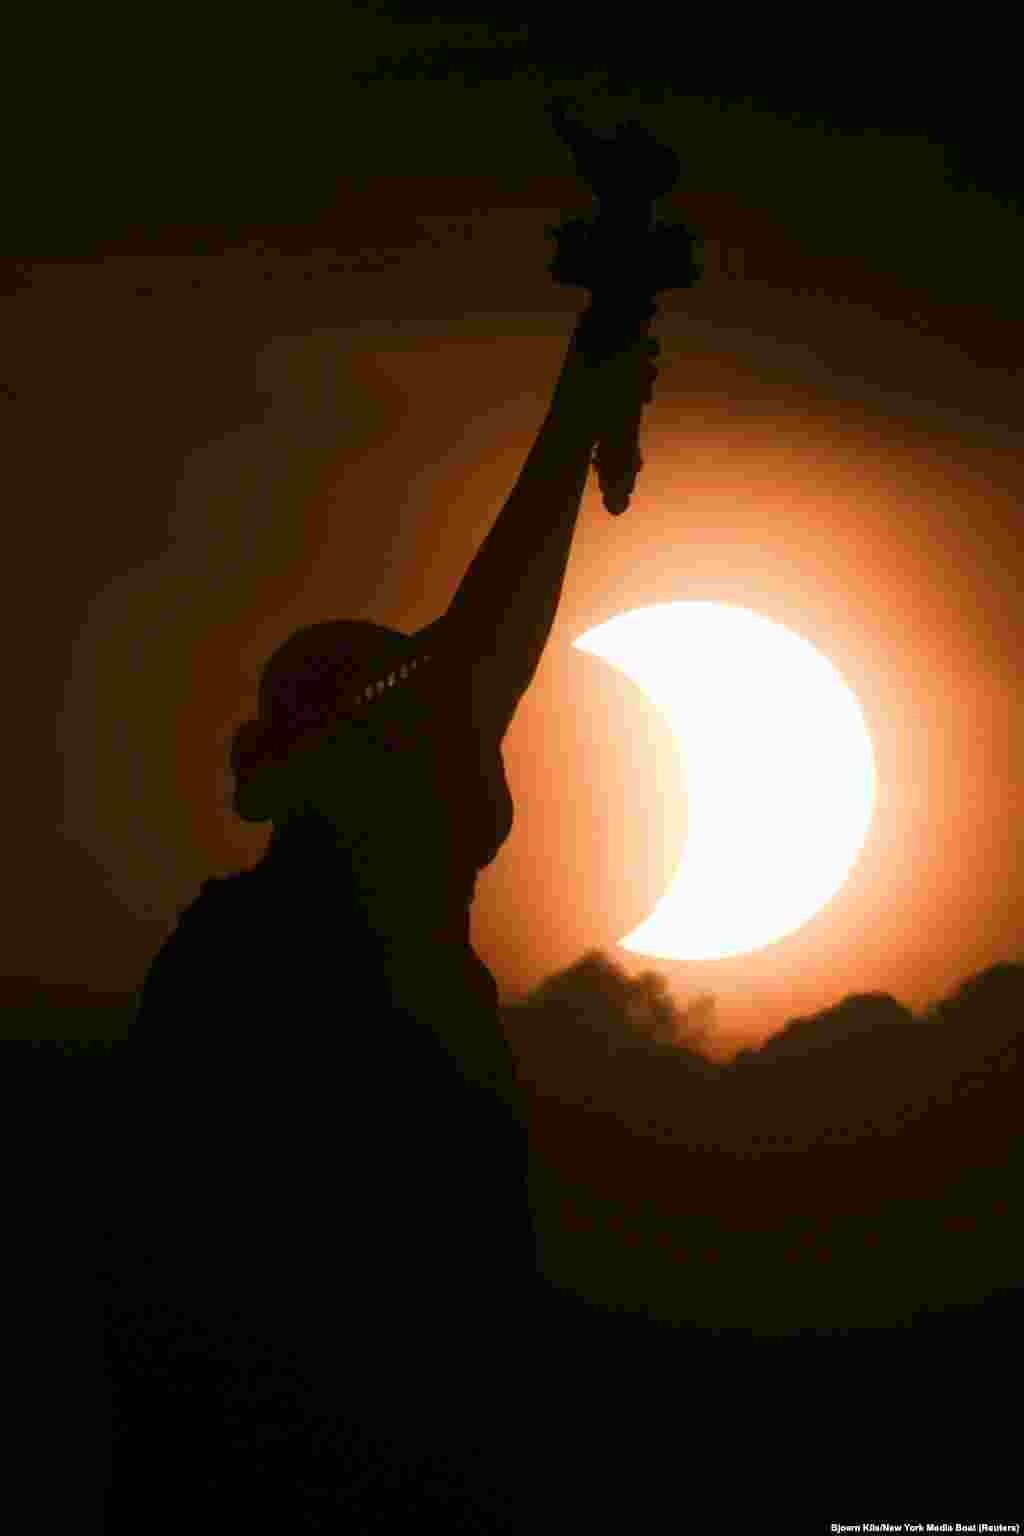 Частково затемнене сонце сходить за статуєю Свободи в Нью-Йорку, США